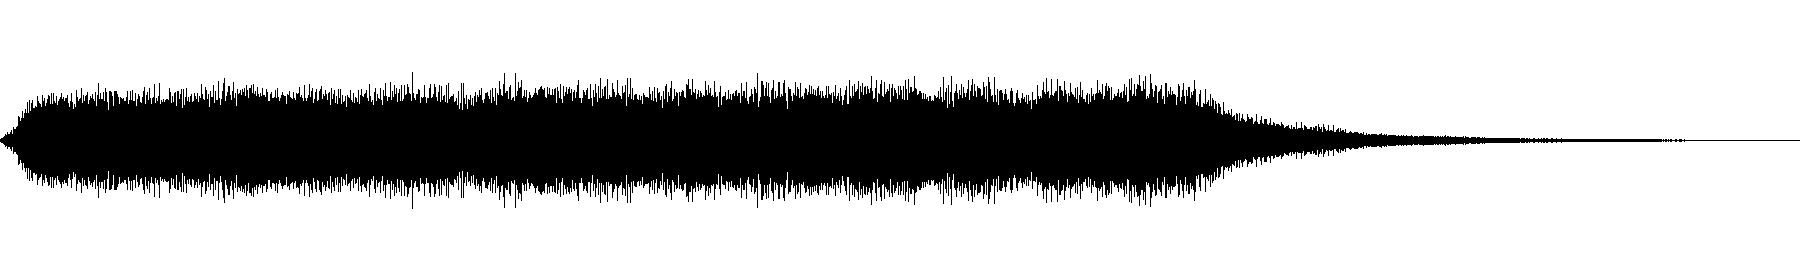 organ b7